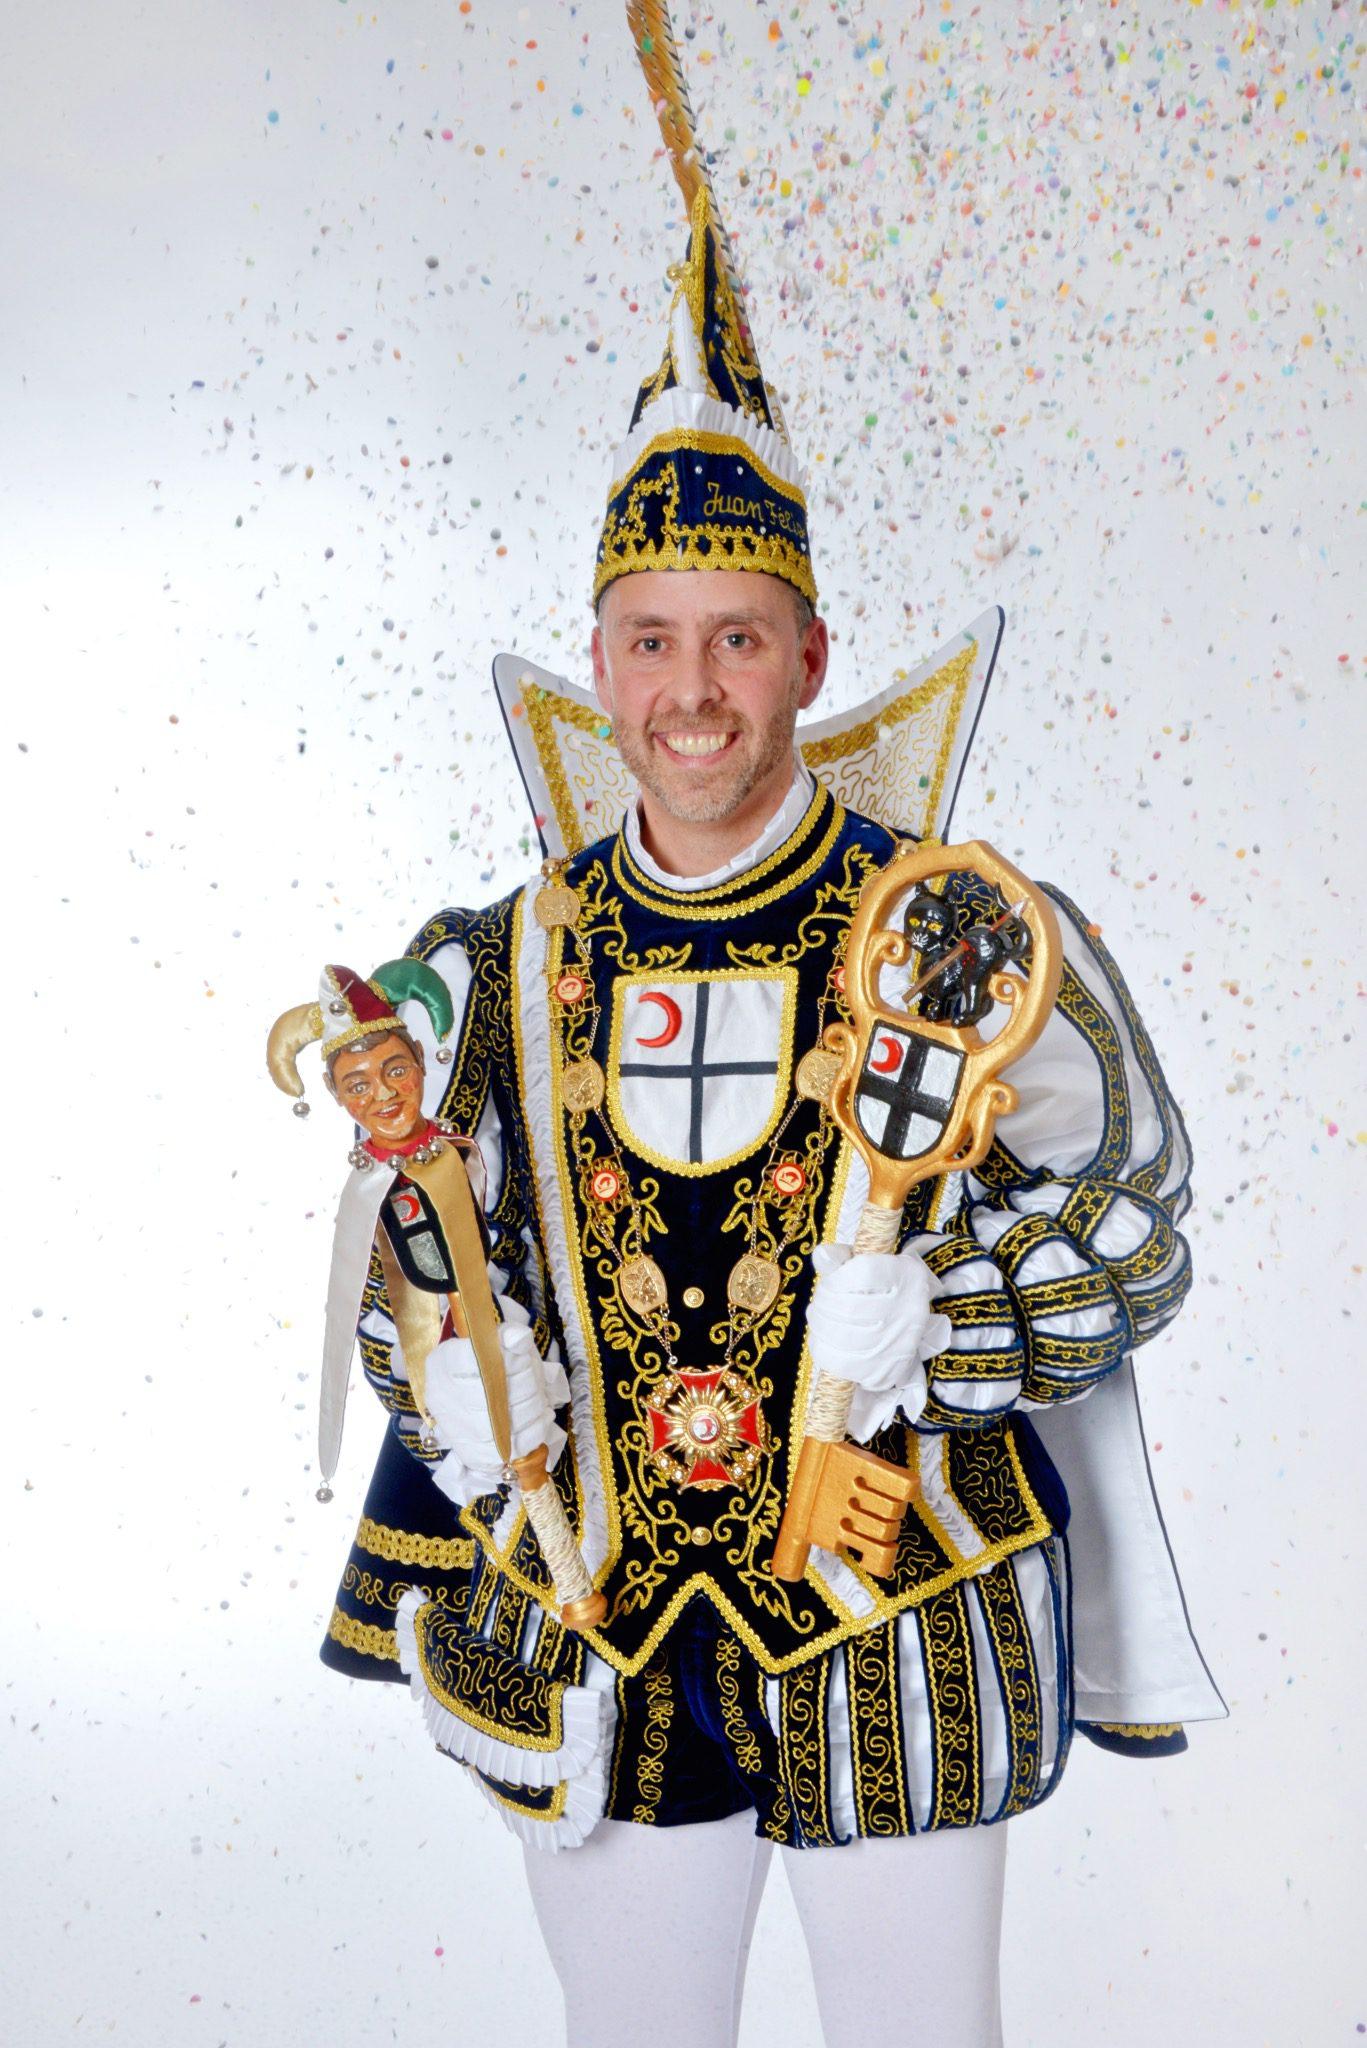 Juan Félix I. (Manzano Vela) regiert 2020 + 2021 das Attendorner Narrenvolk